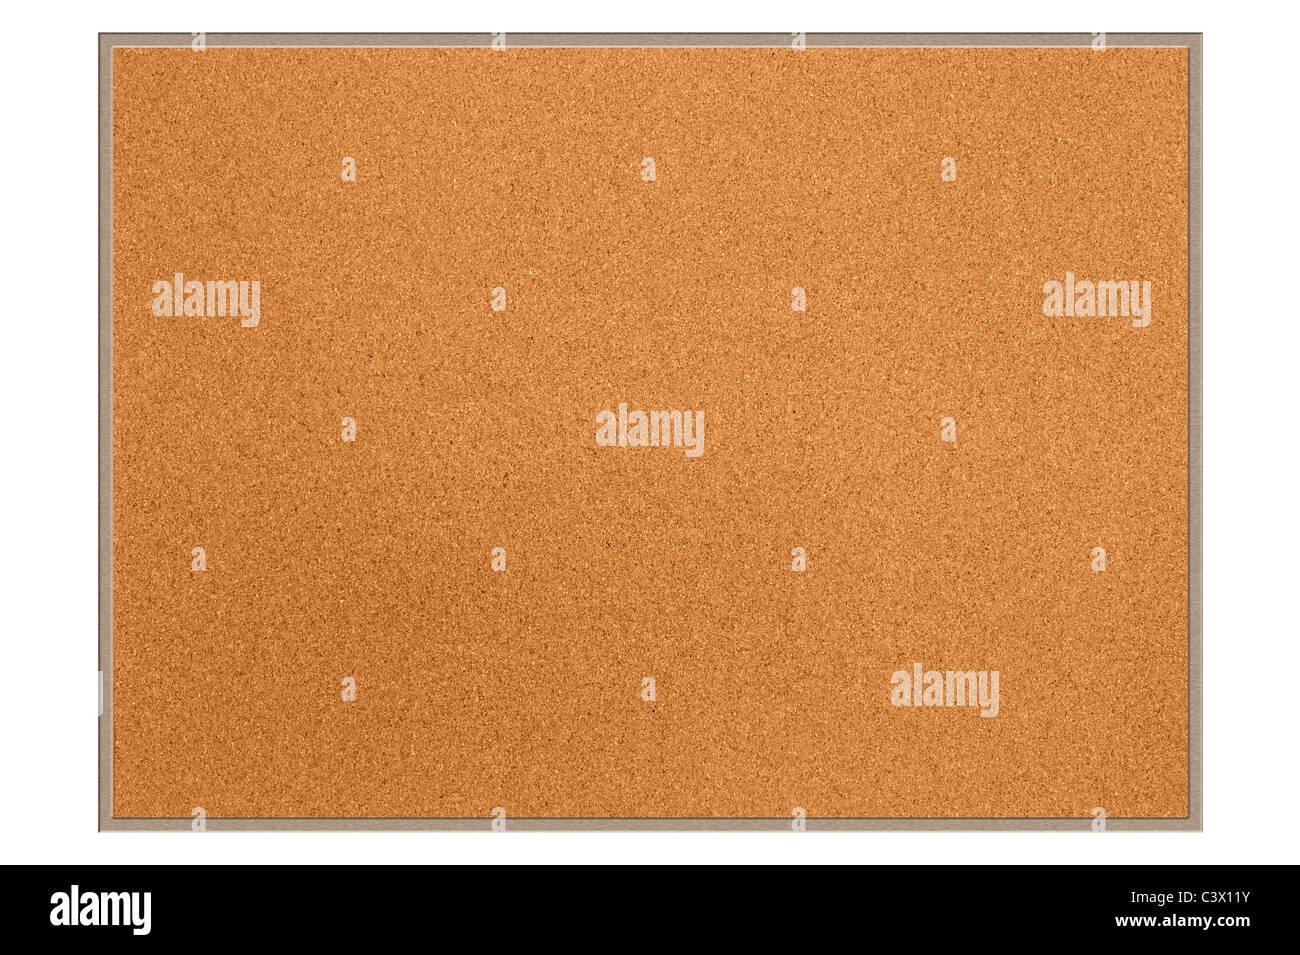 Un nuovo vuoto bacheca di sughero per uso come è o per i progettisti di luogo o di copia clip art a. Immagini Stock